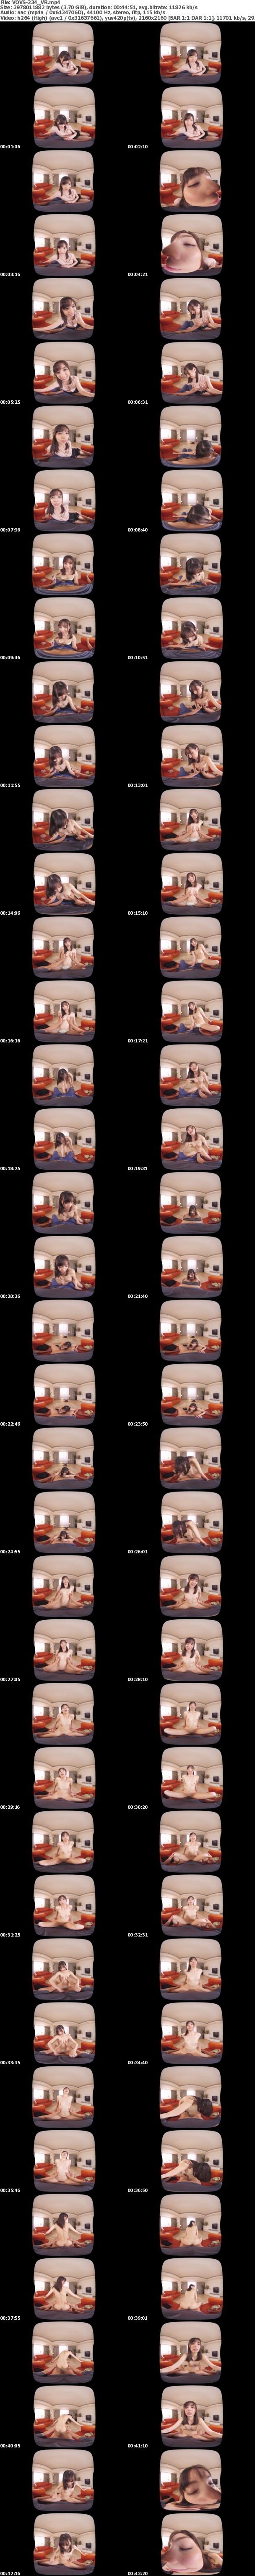 VR/3D VOVS-234 【VR】長尺45分・高画質 ラブイチャVR彼女 オトナのラブイチャ生中出しSEX 西田カリナ